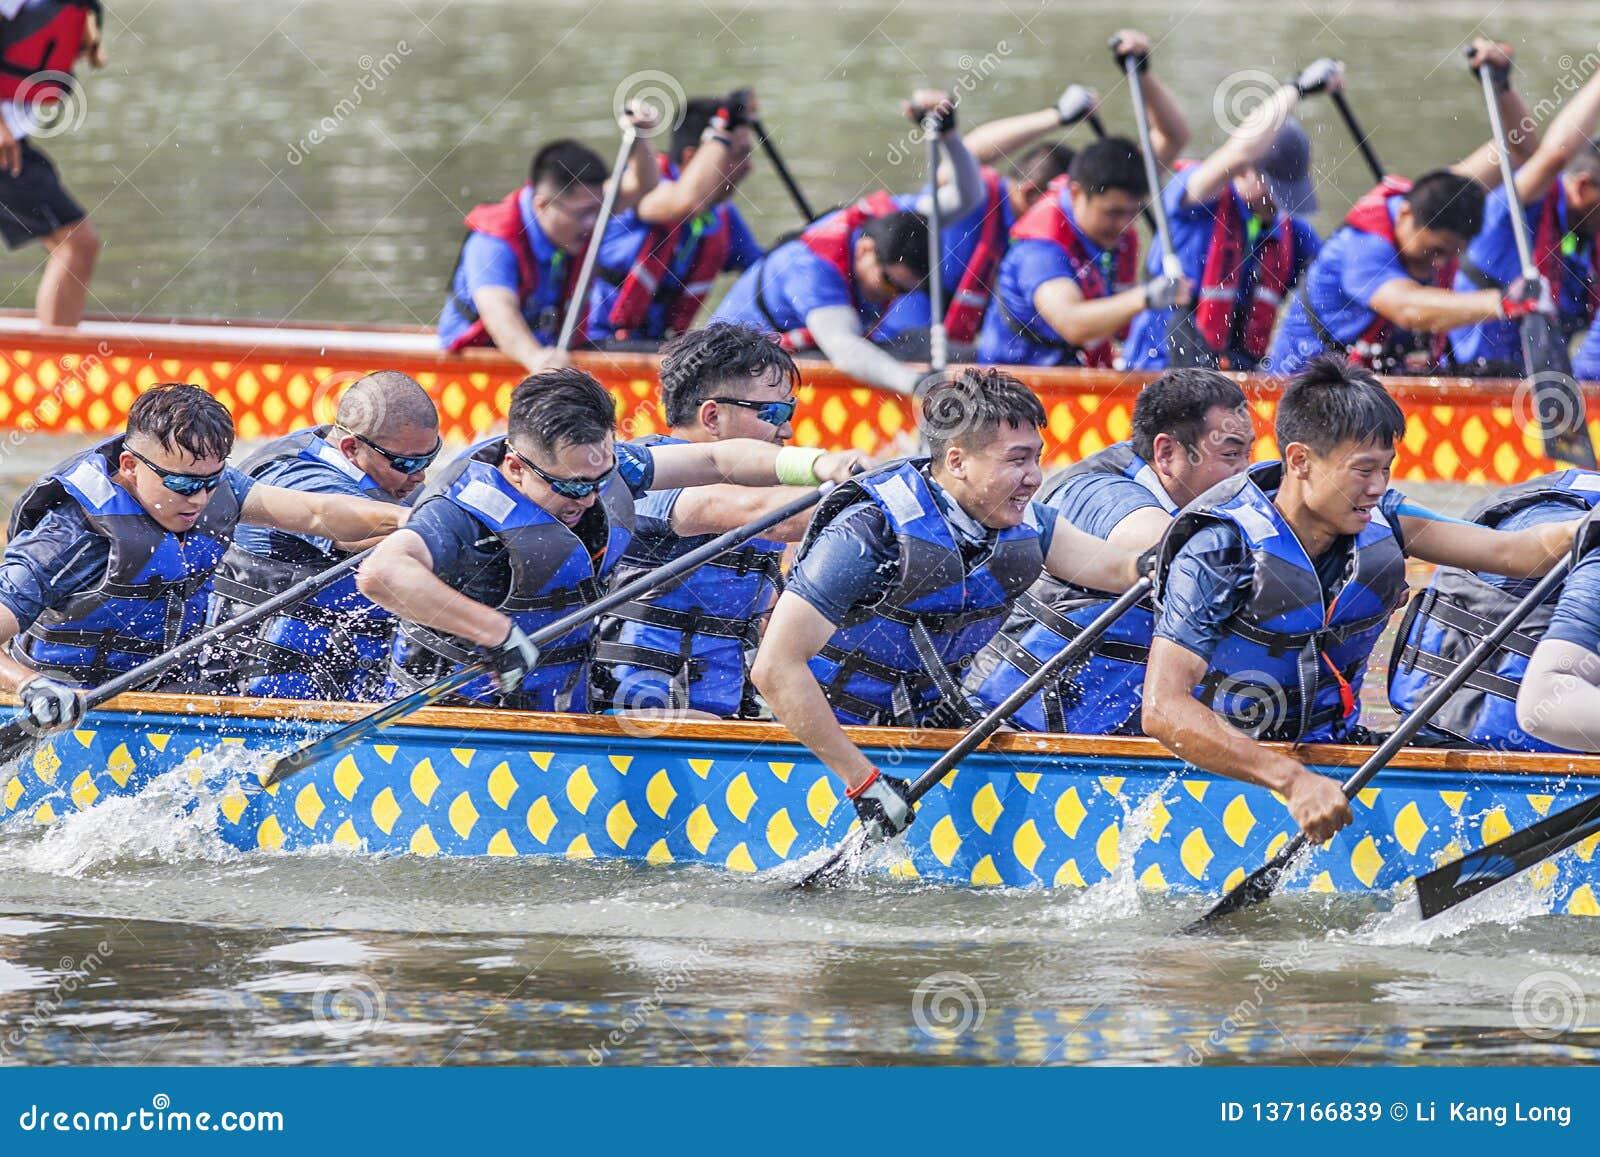 Dragon Boat Festival Competition - Dragon Boat Race tradicionais